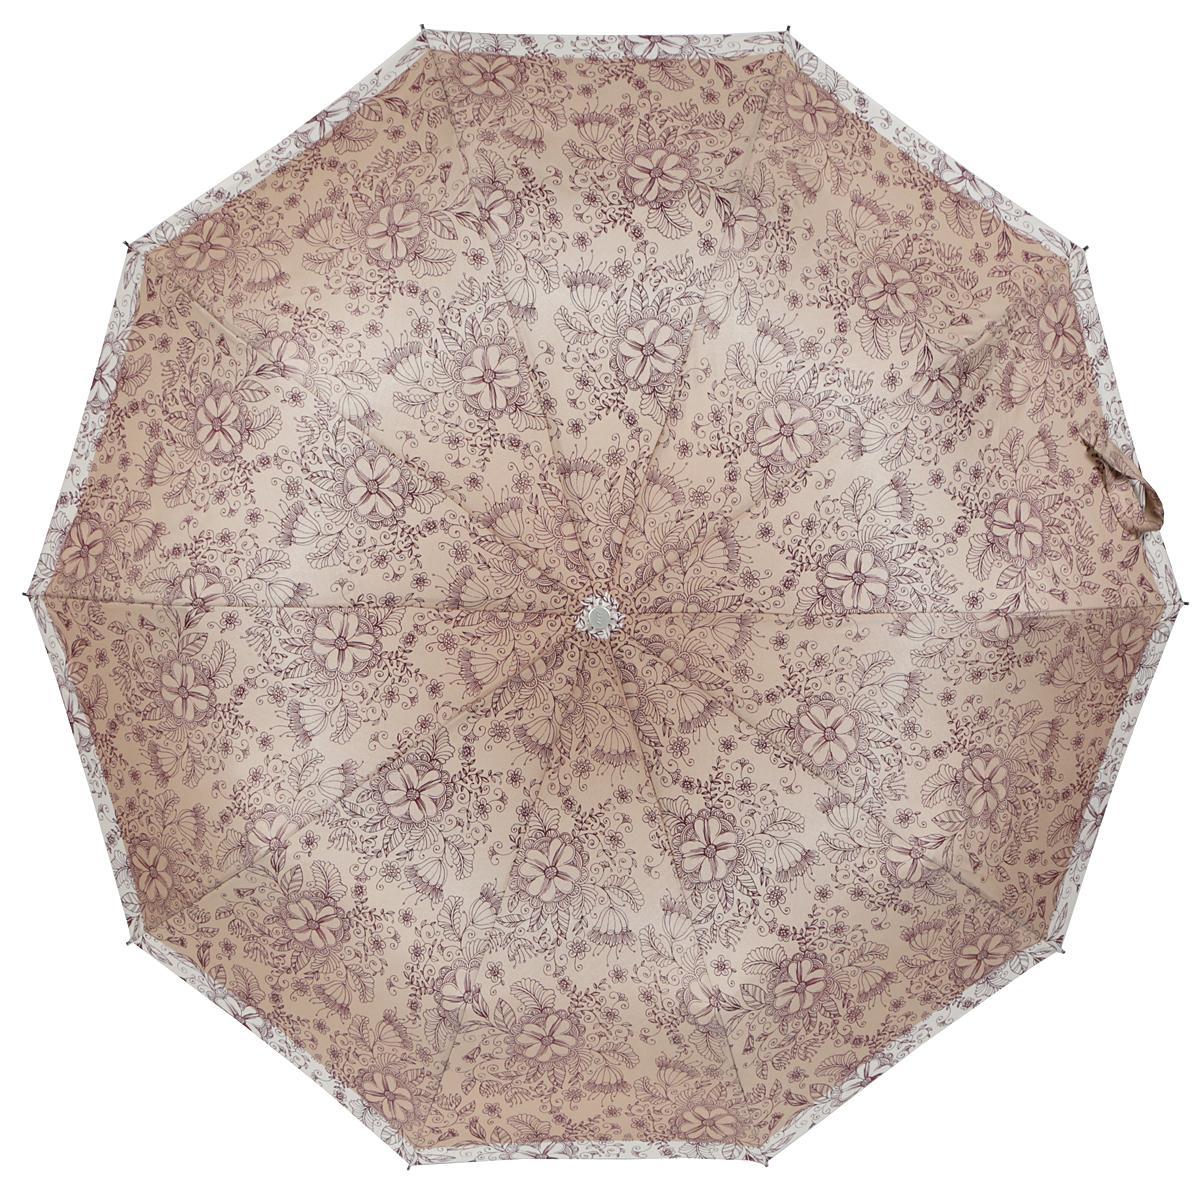 Зонт женский Zest, автомат, 3 сложения, цвет: темно-бежевый, бордовый, бежевый. 23969-109723969-1097Элегантный автоматический зонт Zest в 3 сложения изготовлен из высокопрочных материалов. Каркас зонта состоит из 10 спиц и прочного алюминиевого стержня. Специальная система Windproof защищает его от поломок во время сильных порывов ветра. Купол зонта выполнен из прочного полиэстера с водоотталкивающей пропиткой и оформлен стильным цветочным орнаментом. Рукоятка, разработанная с учетом требований эргономики, выполнена из металла и искусственной кожи. Зонт имеет полный автоматический механизм сложения: купол открывается и закрывается нажатием кнопки на рукоятке, стержень складывается вручную до характерного щелчка. Благодаря этому открыть и закрыть зонт можно одной рукой, что чрезвычайно удобно при входе в транспорт или помещение. Небольшой шнурок, расположенный на рукоятке, позволяет надеть изделие на руку при необходимости. Модель закрывается при помощи хлястика на застежку-липучку. К зонту прилагается чехол, который оснащен двумя удобными ручками. Очаровательный...